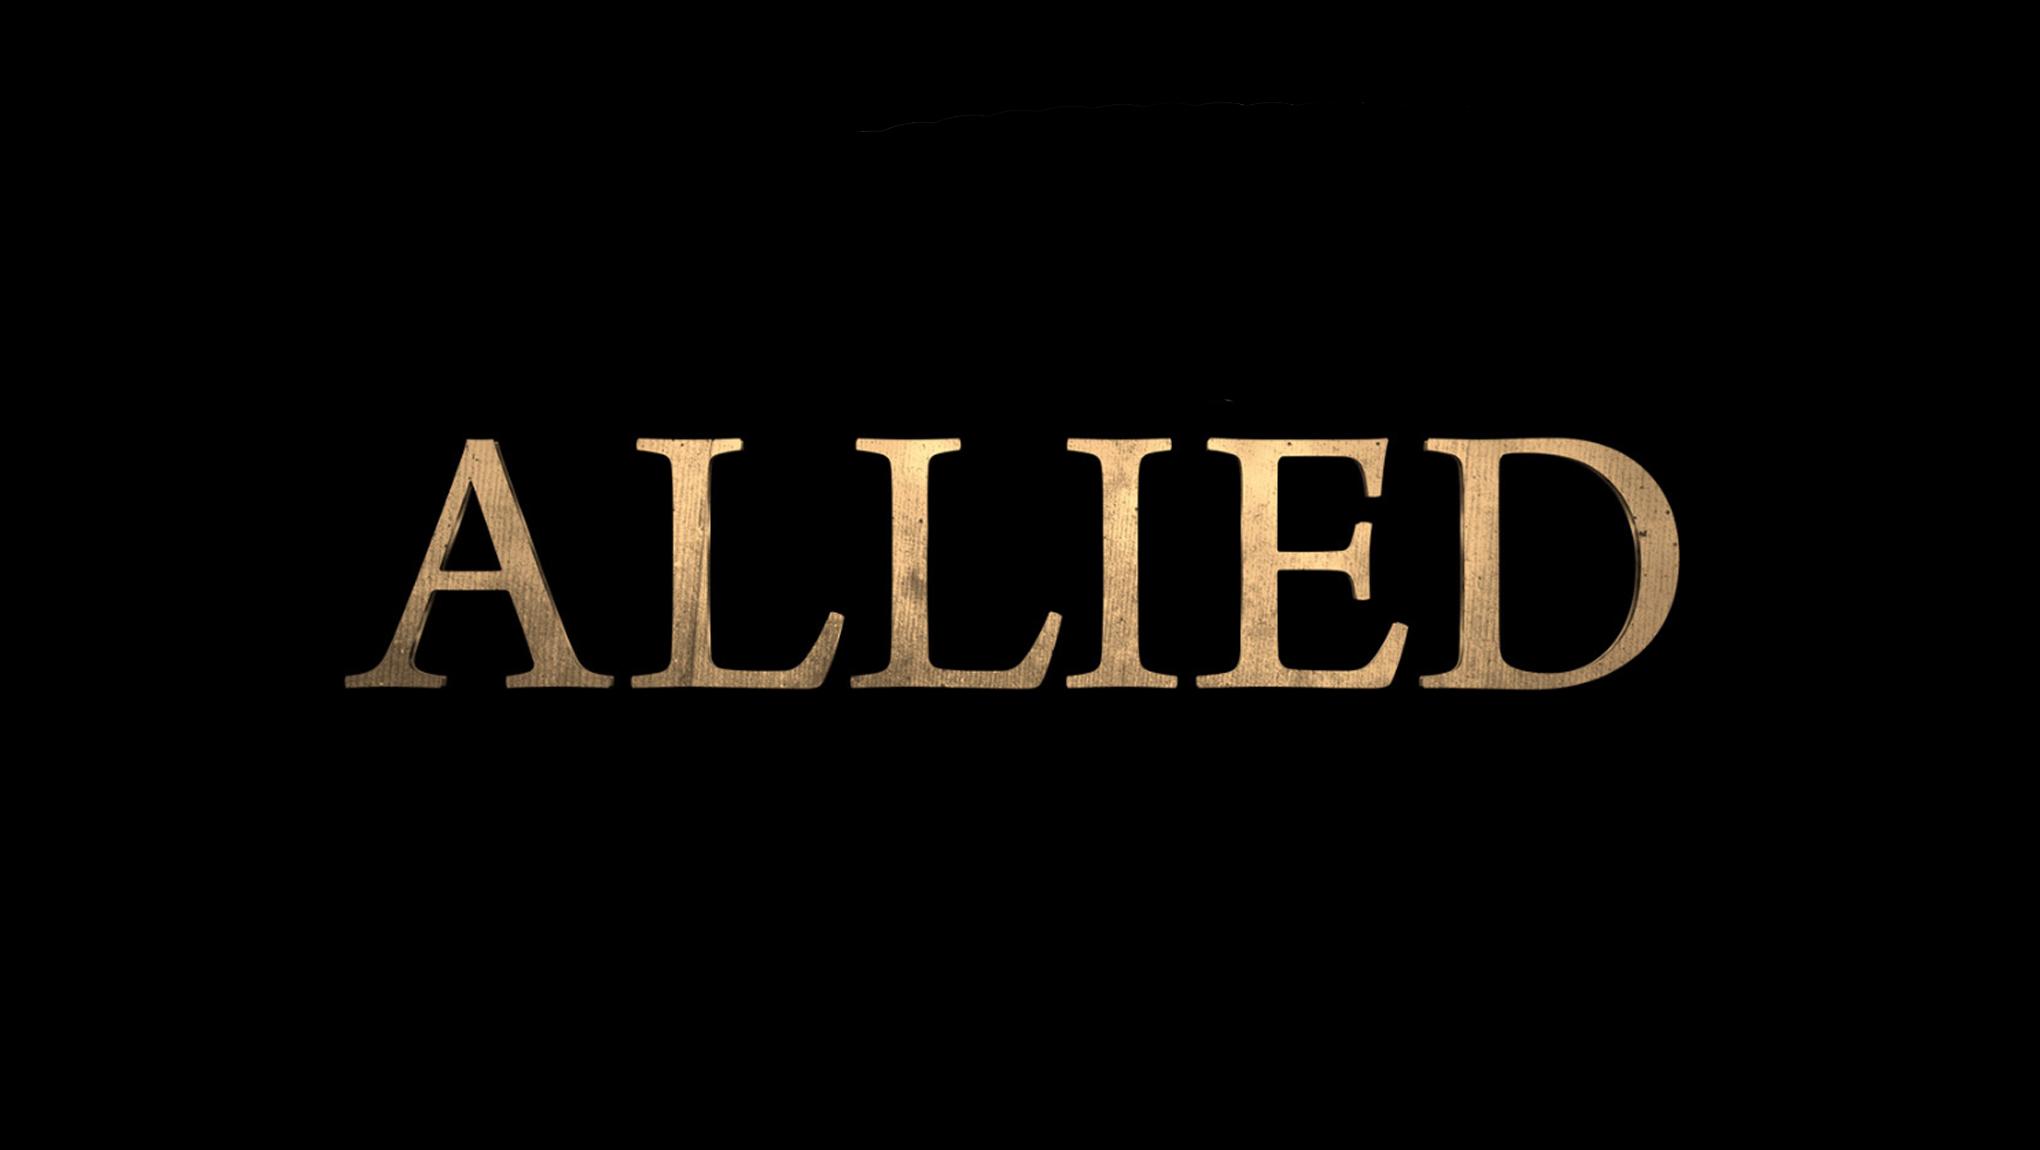 allied,cheyan antwaune gray, cheyan gray, antwaune gray,thelifestyleelite,elite lifestyle, thelifestyleelitedotcom, thelifestyleelite.com,cheyan antwaune gray,fashion,models of thelifestyleelite.com, the life style elite,the lifestyle elite,elite lifestyle,lifestyleelite.com,cheyan gray,TLSElite,TLSElite.com,TLSEliteGaming,TLSElite Gaming